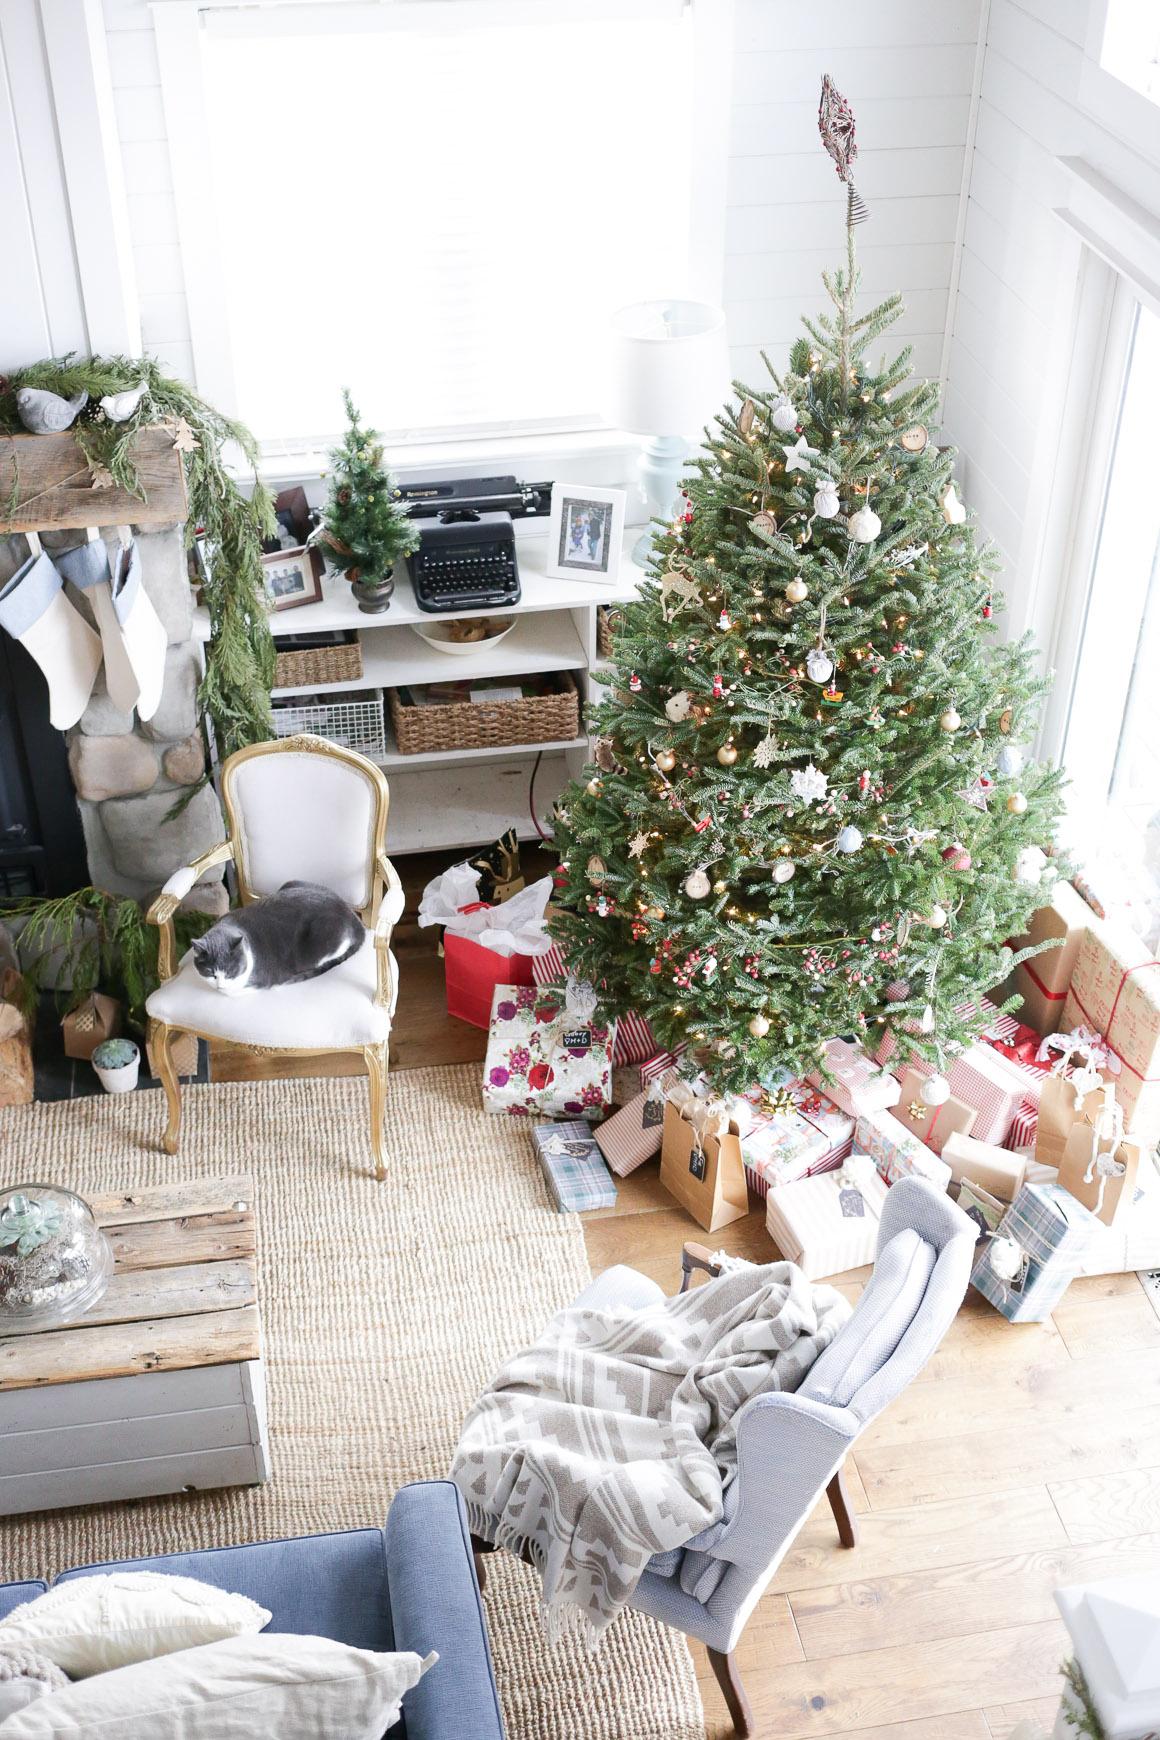 Merry Christmas Living Room Tour | This Mamas Dance